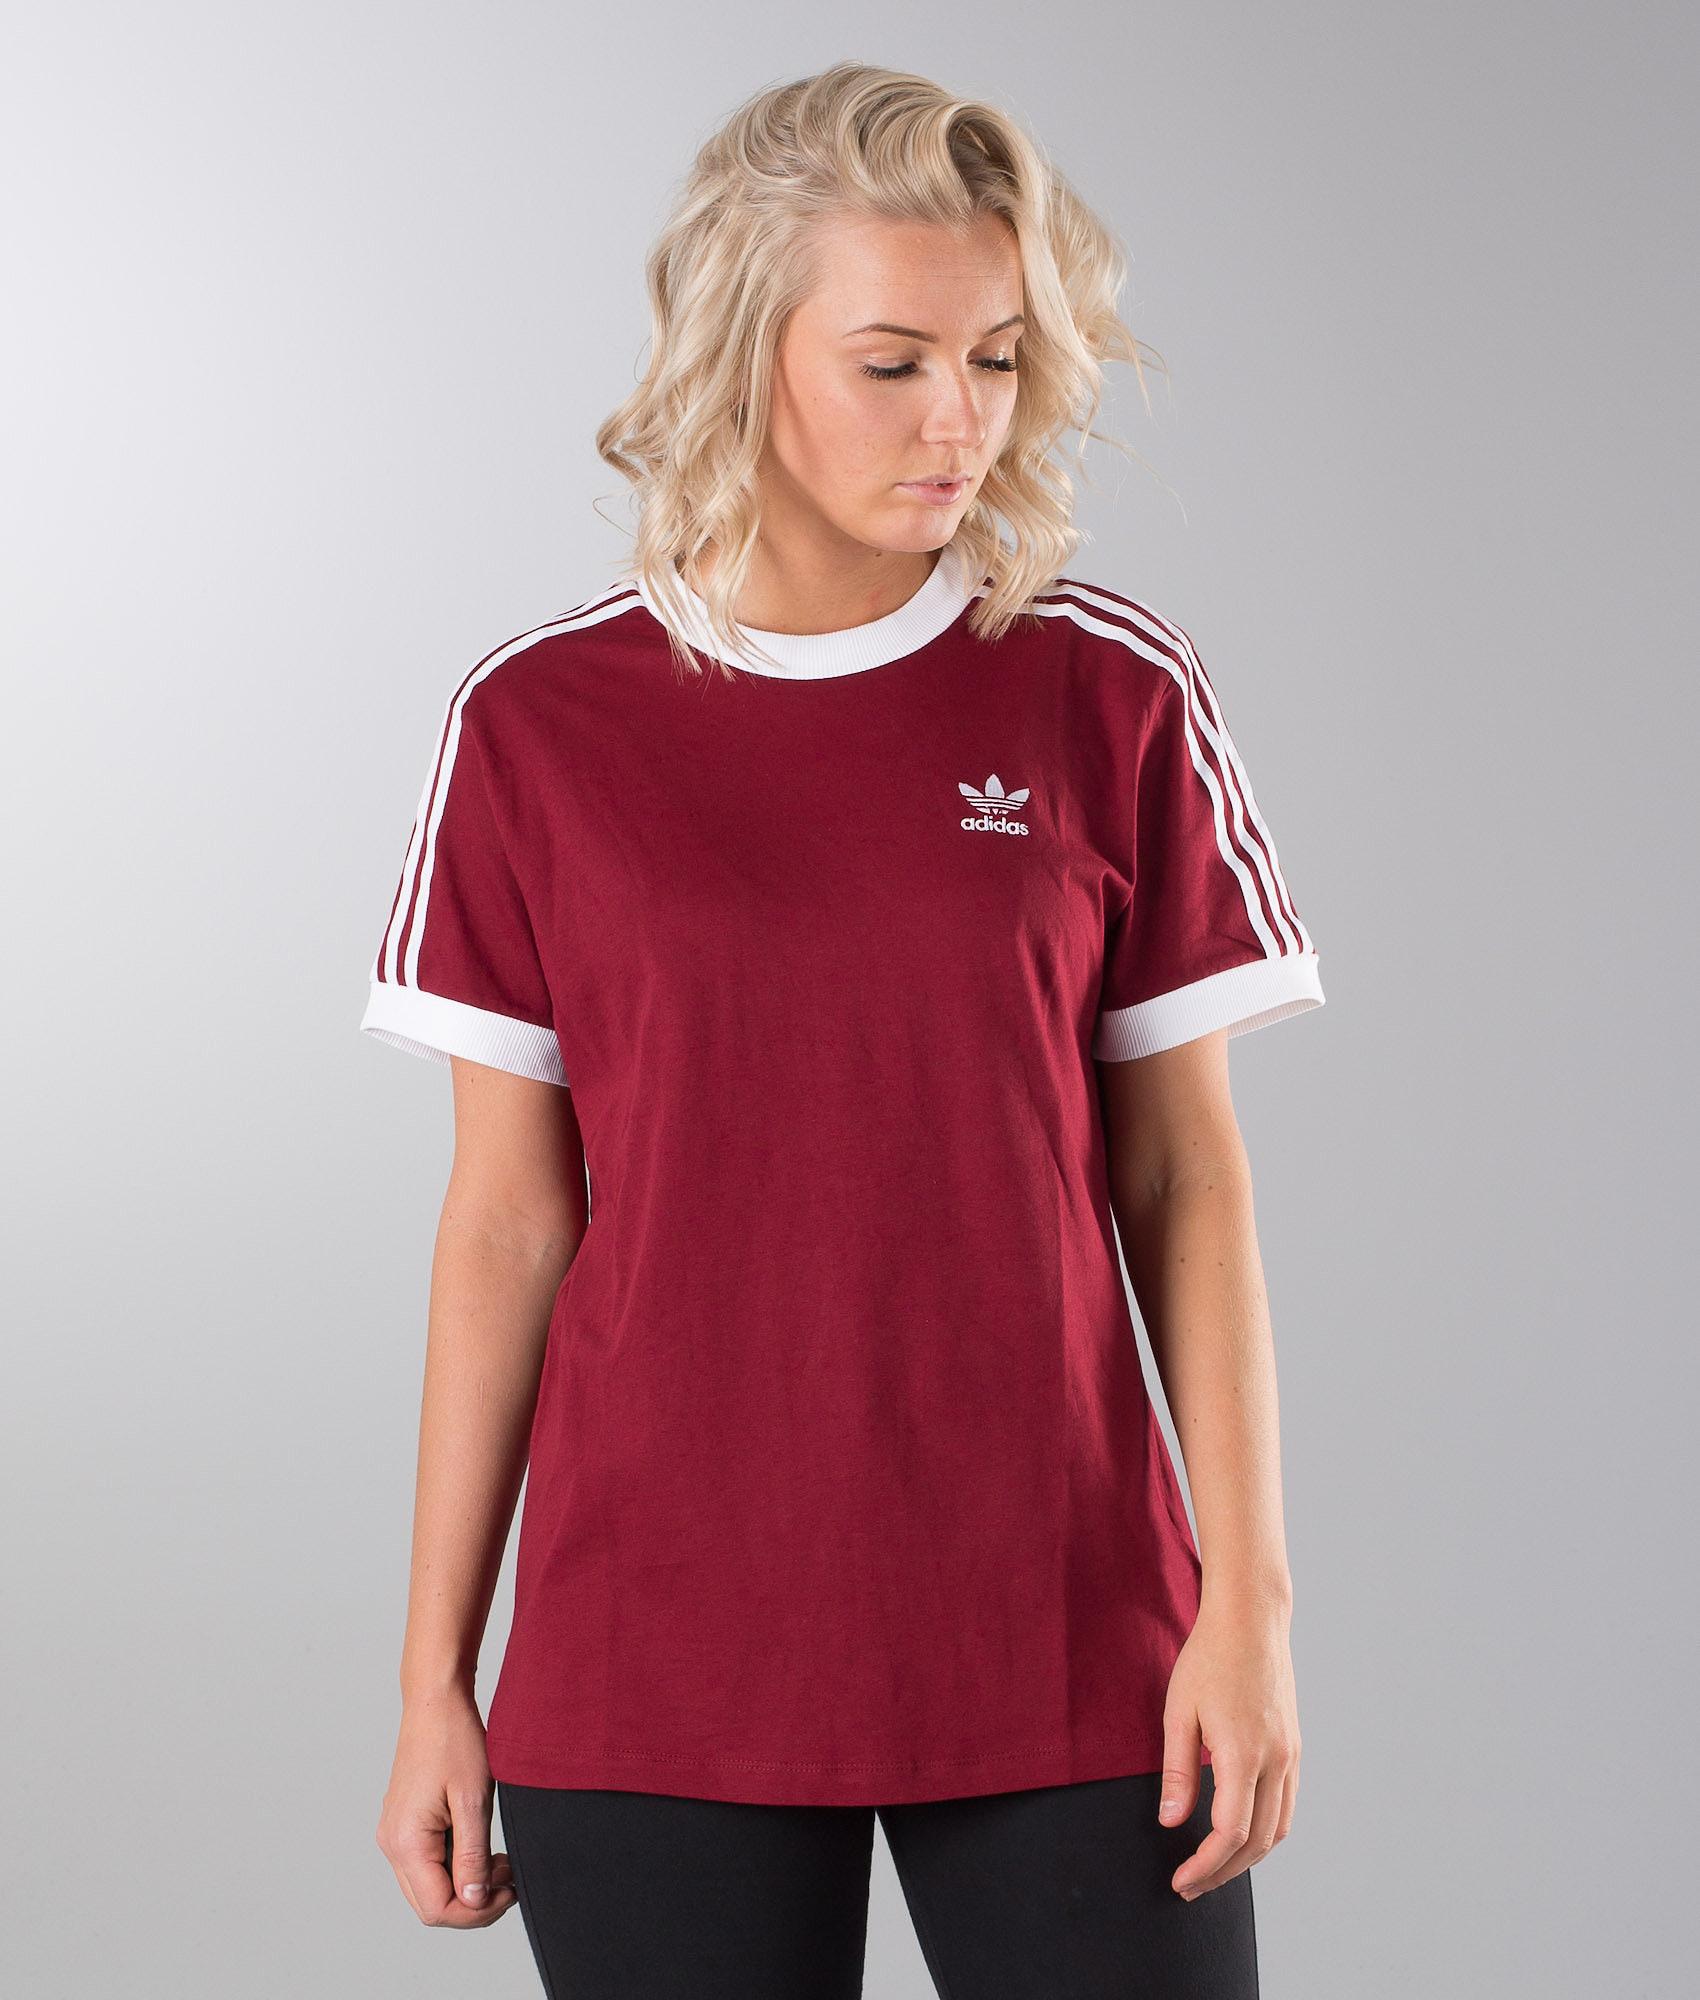 5036781844 Adidas Originals 3 Stripes T-shirt Collegiate Burgundy - Ridestore.com